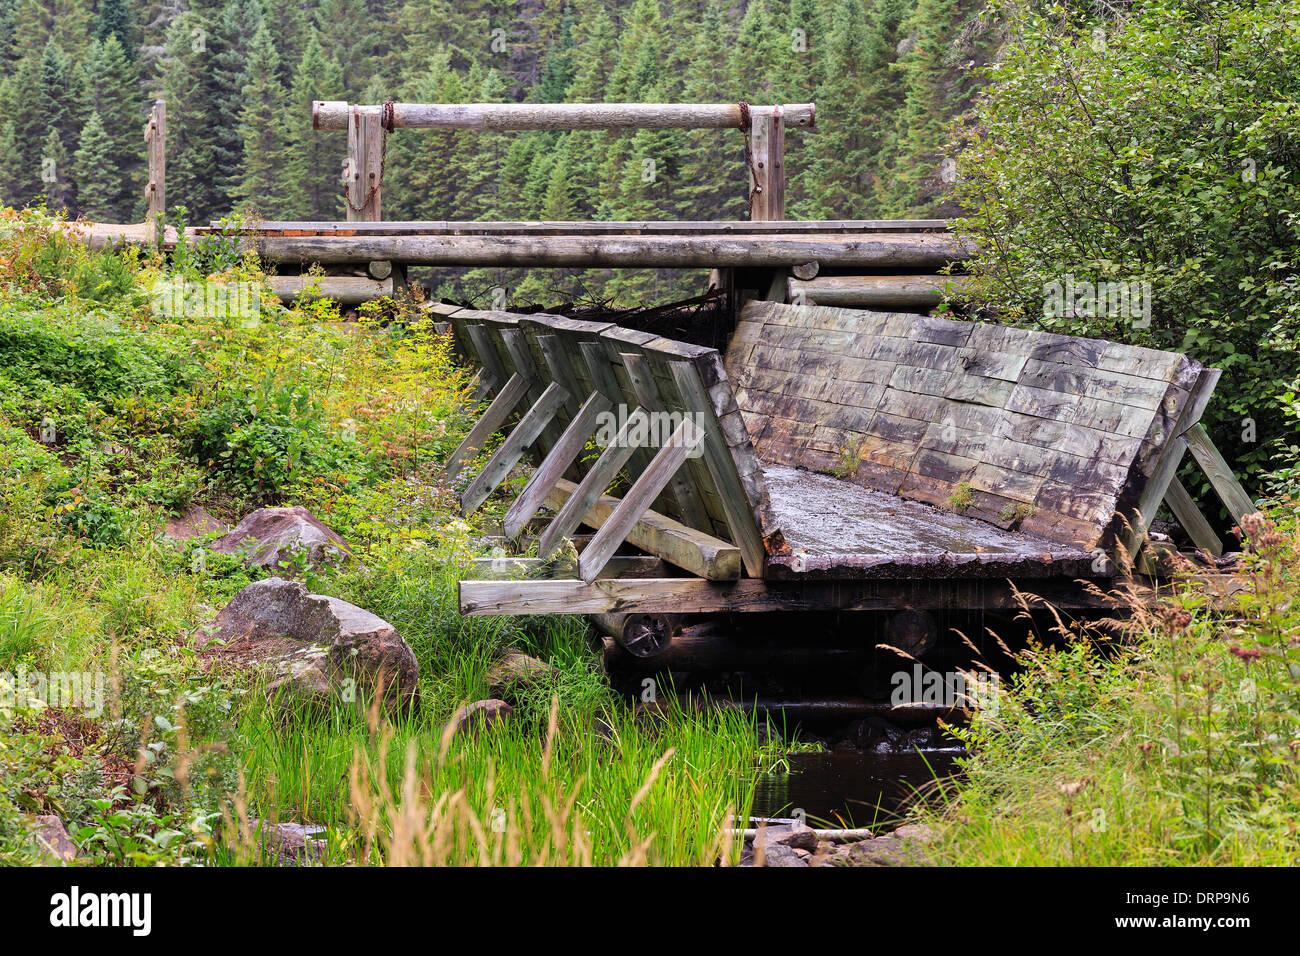 Log chute at Algonquin Logging Museum, Algonquin Provincial Park, Ontario, Canada - Stock Image